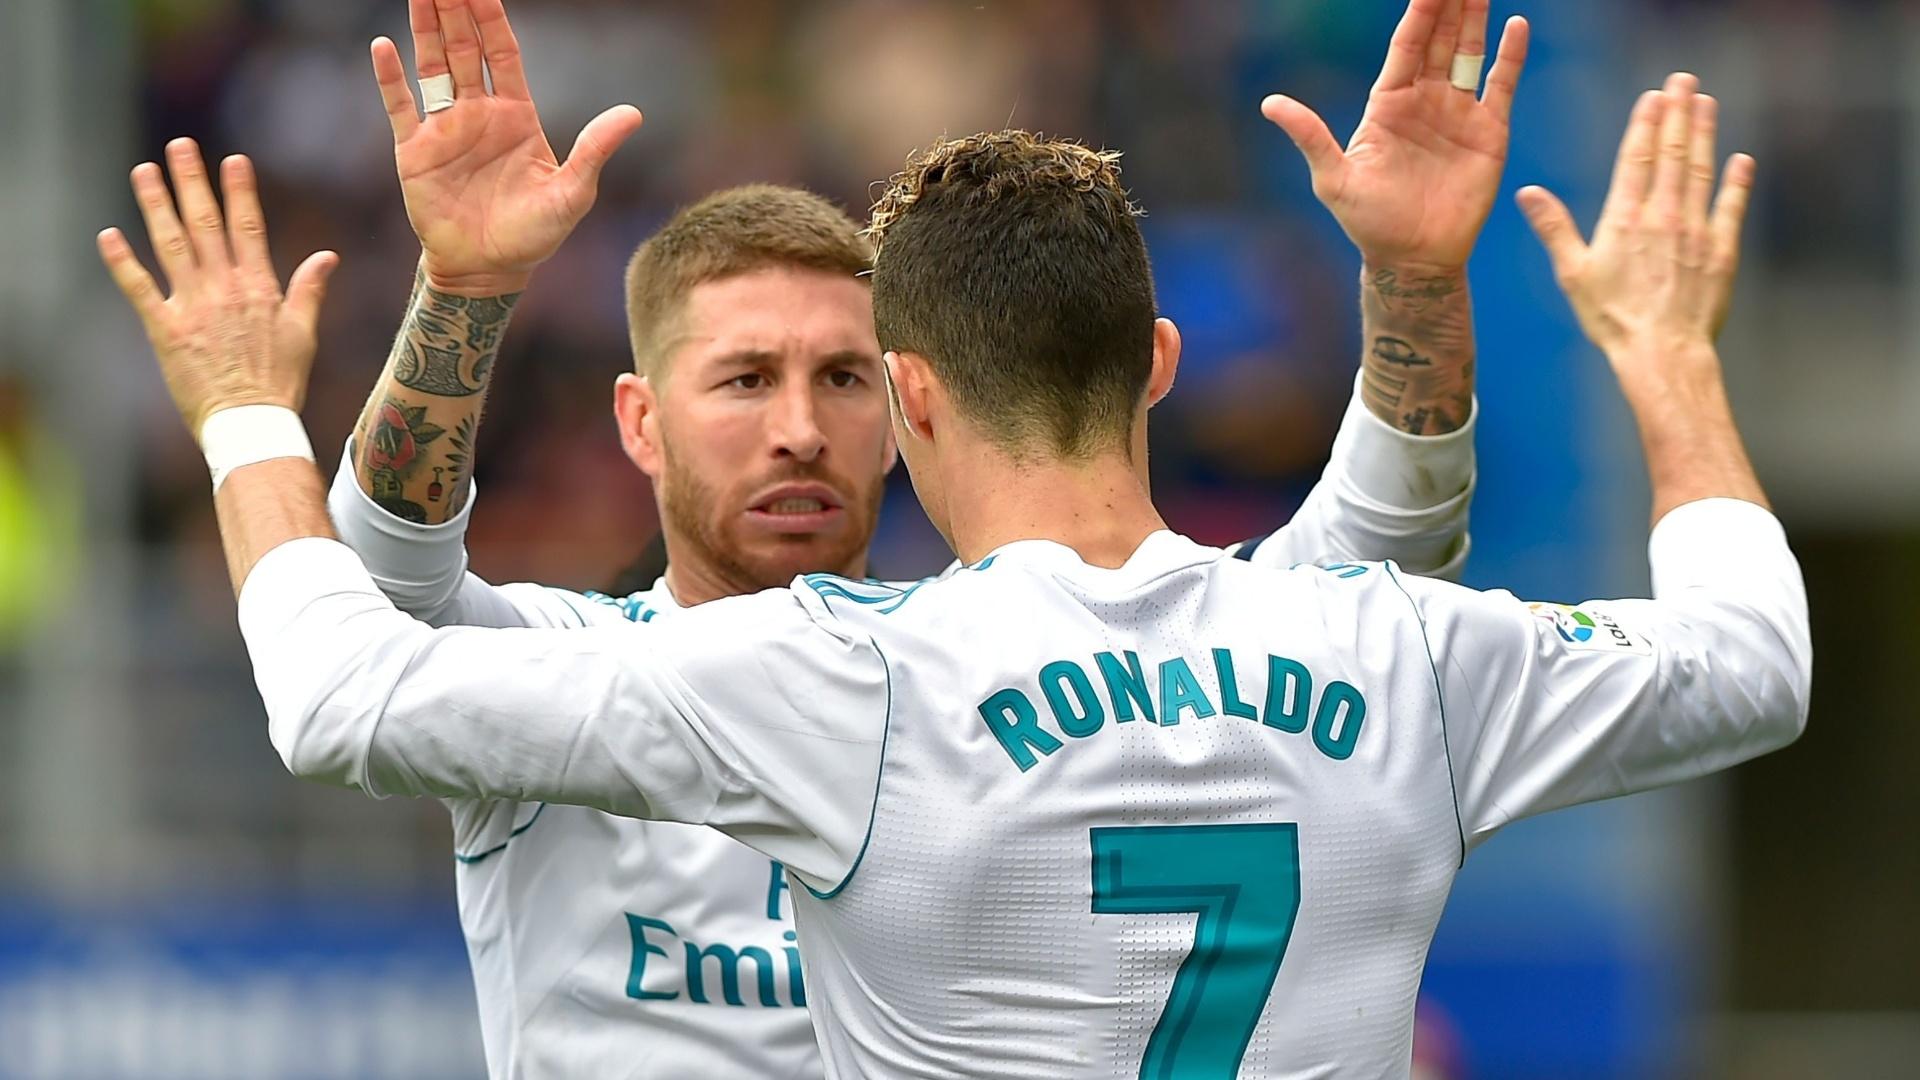 Sergio Ramos sentiu indisposição estomacal e precisou ir ao vestiário durante a partida